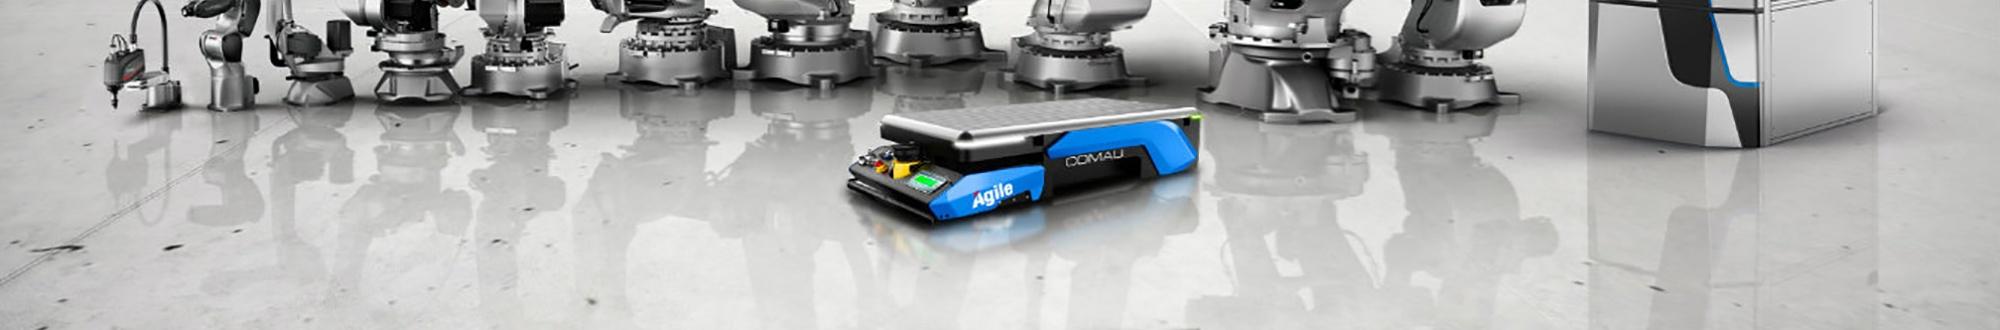 COMAU - Agile 1500-